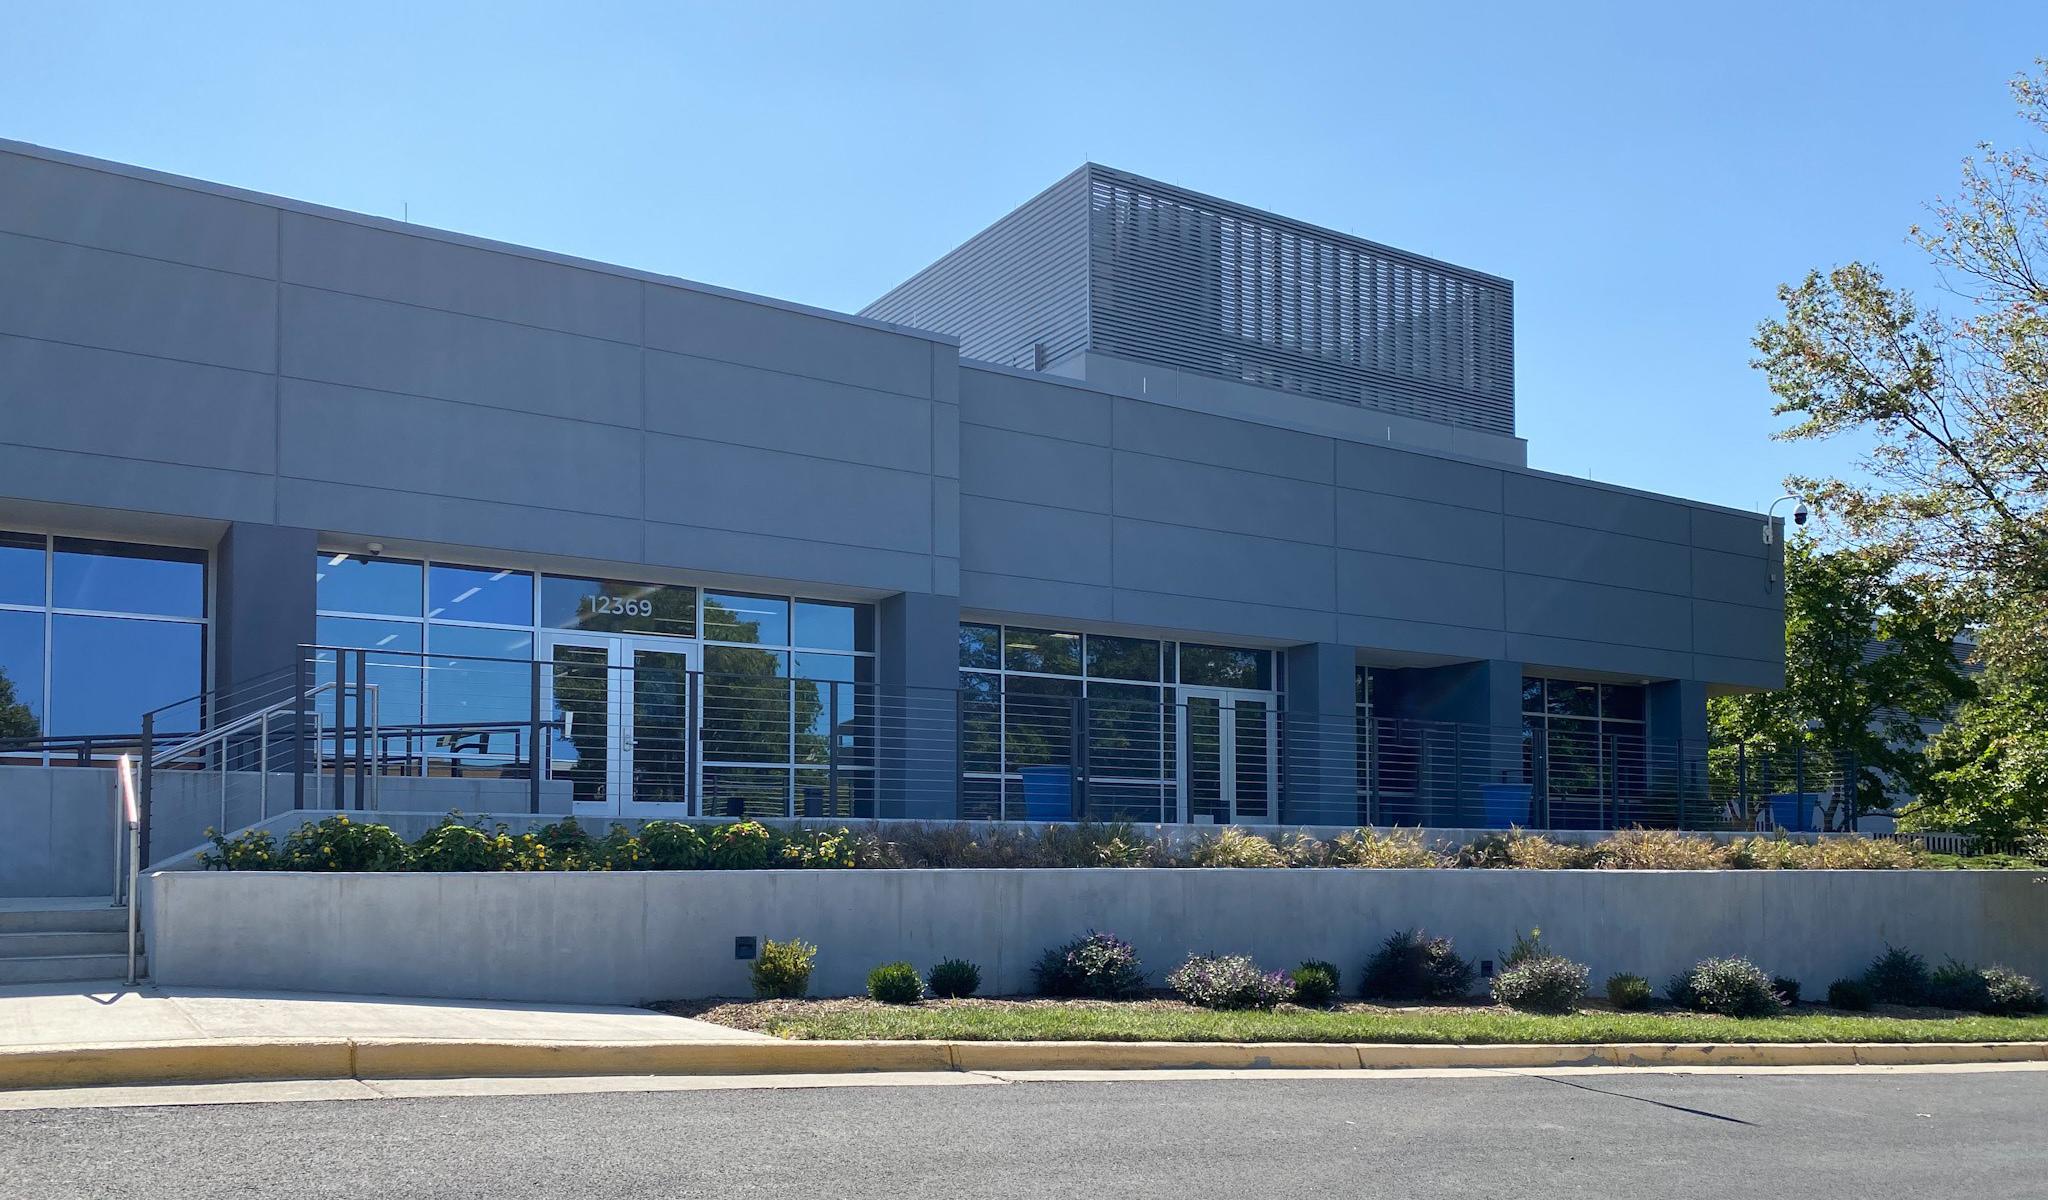 Reston Colocation Data Center (VA3)